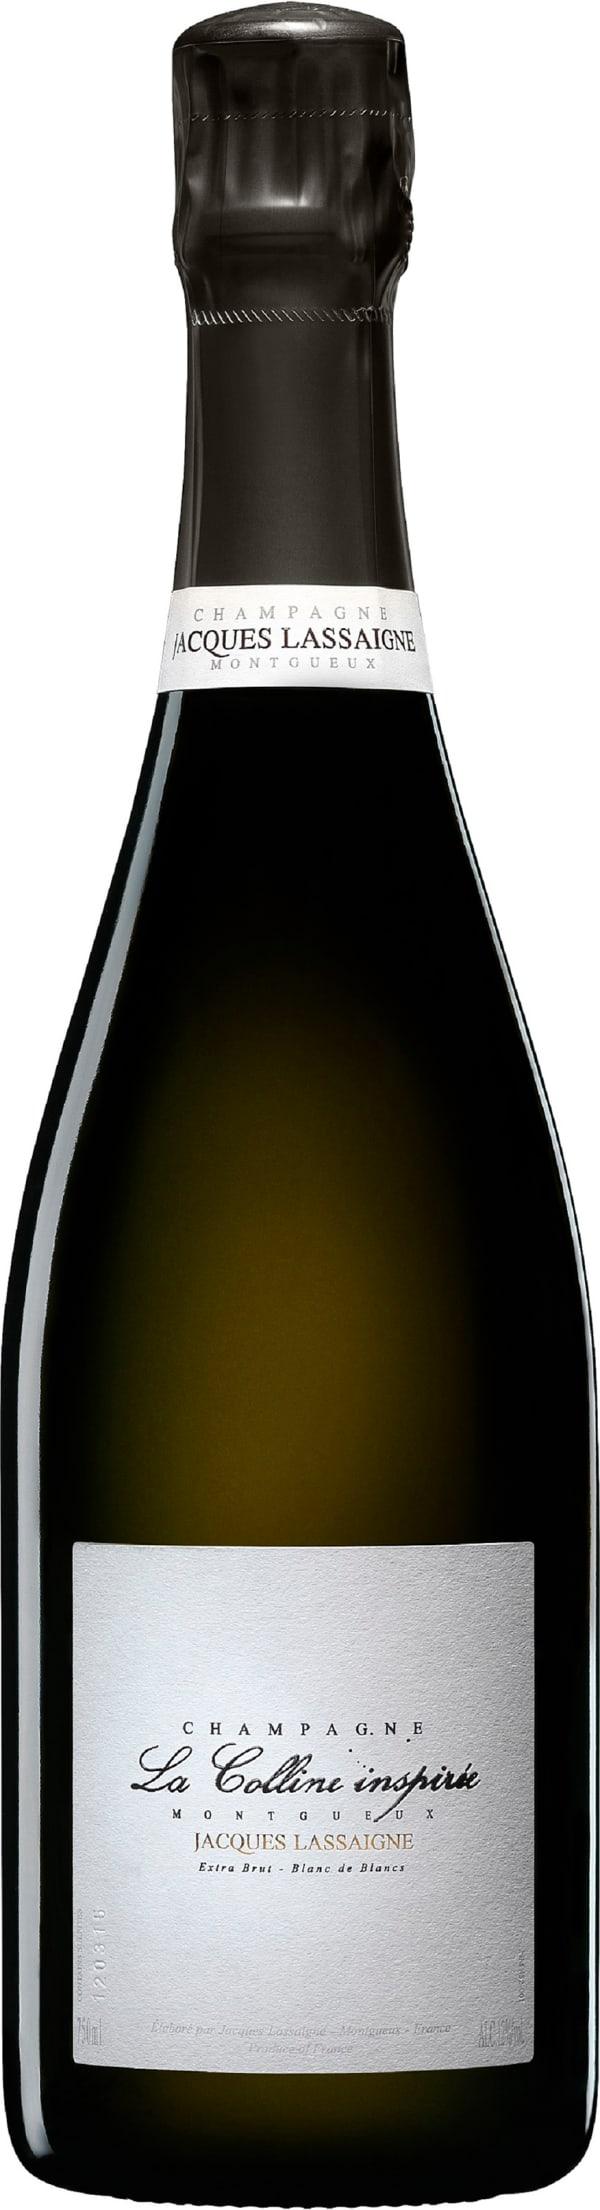 Jacques Lassaigne La Colline Inspirée Blanc de Blancs Champagne Extra Brut